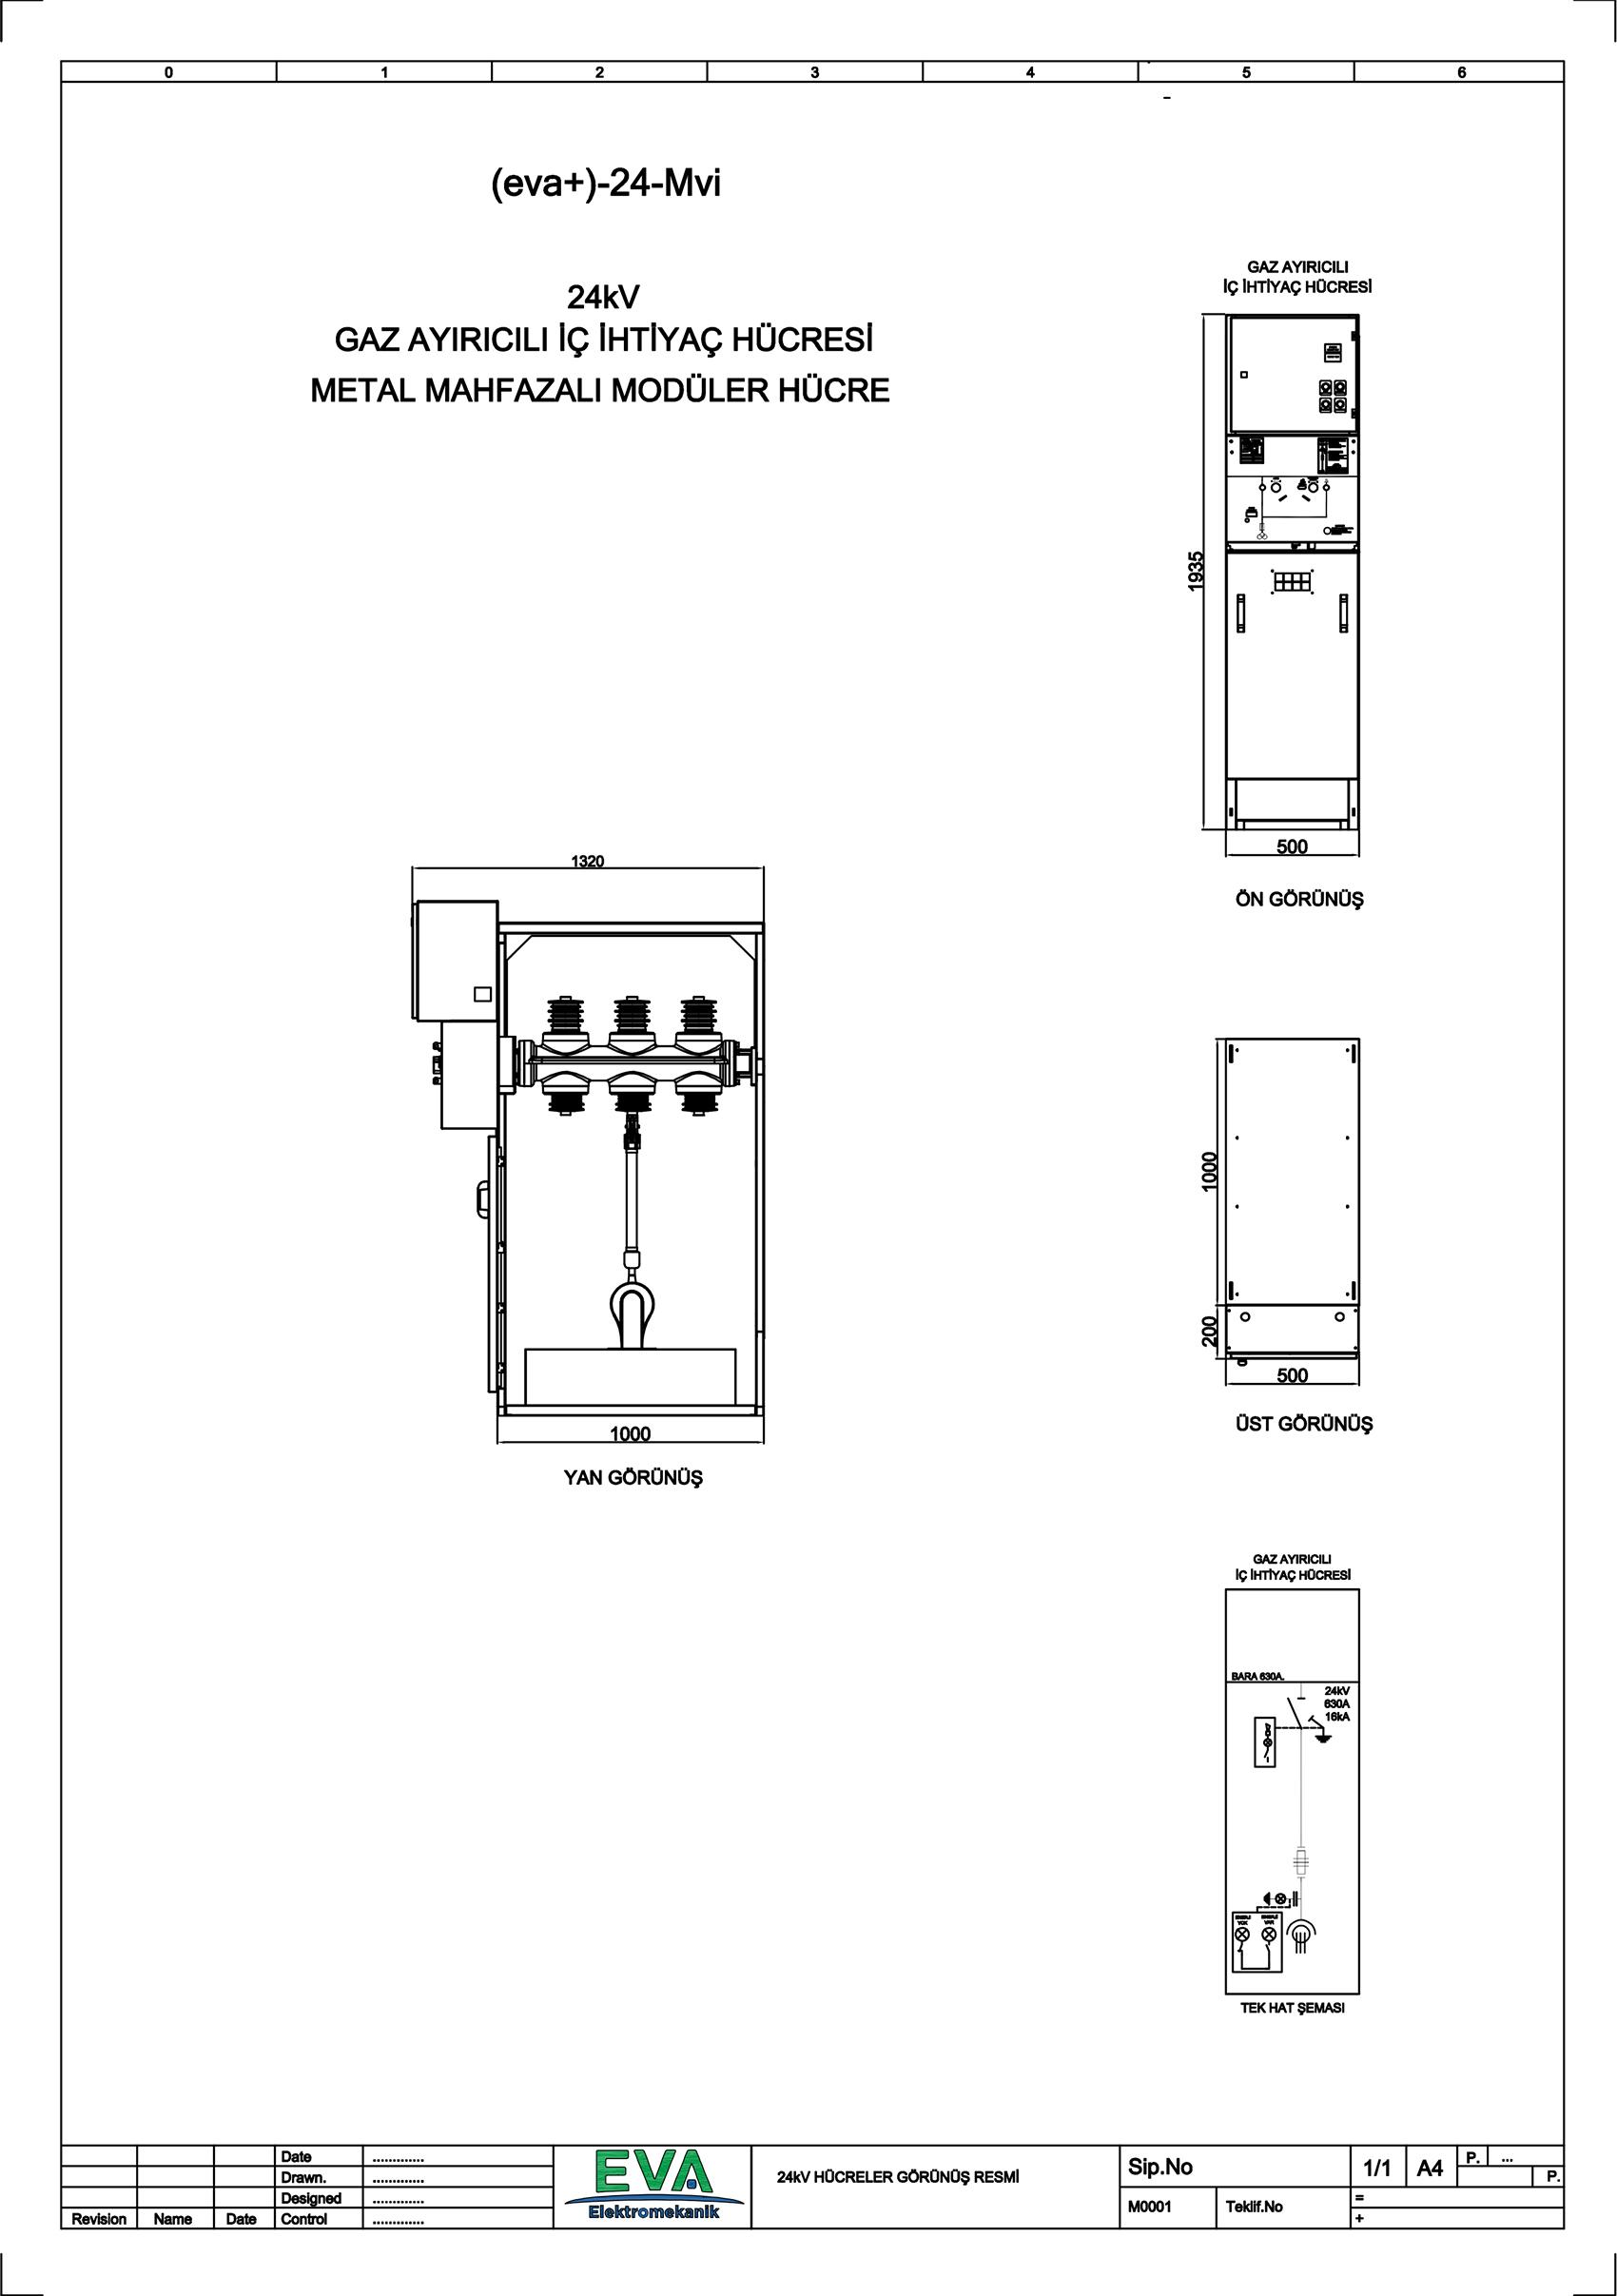 EVA+-24-Mvi Gaz Ayırıcılı İç İhtiyaç Hücresi (Metal Mahfazalı Modüler Hücre)